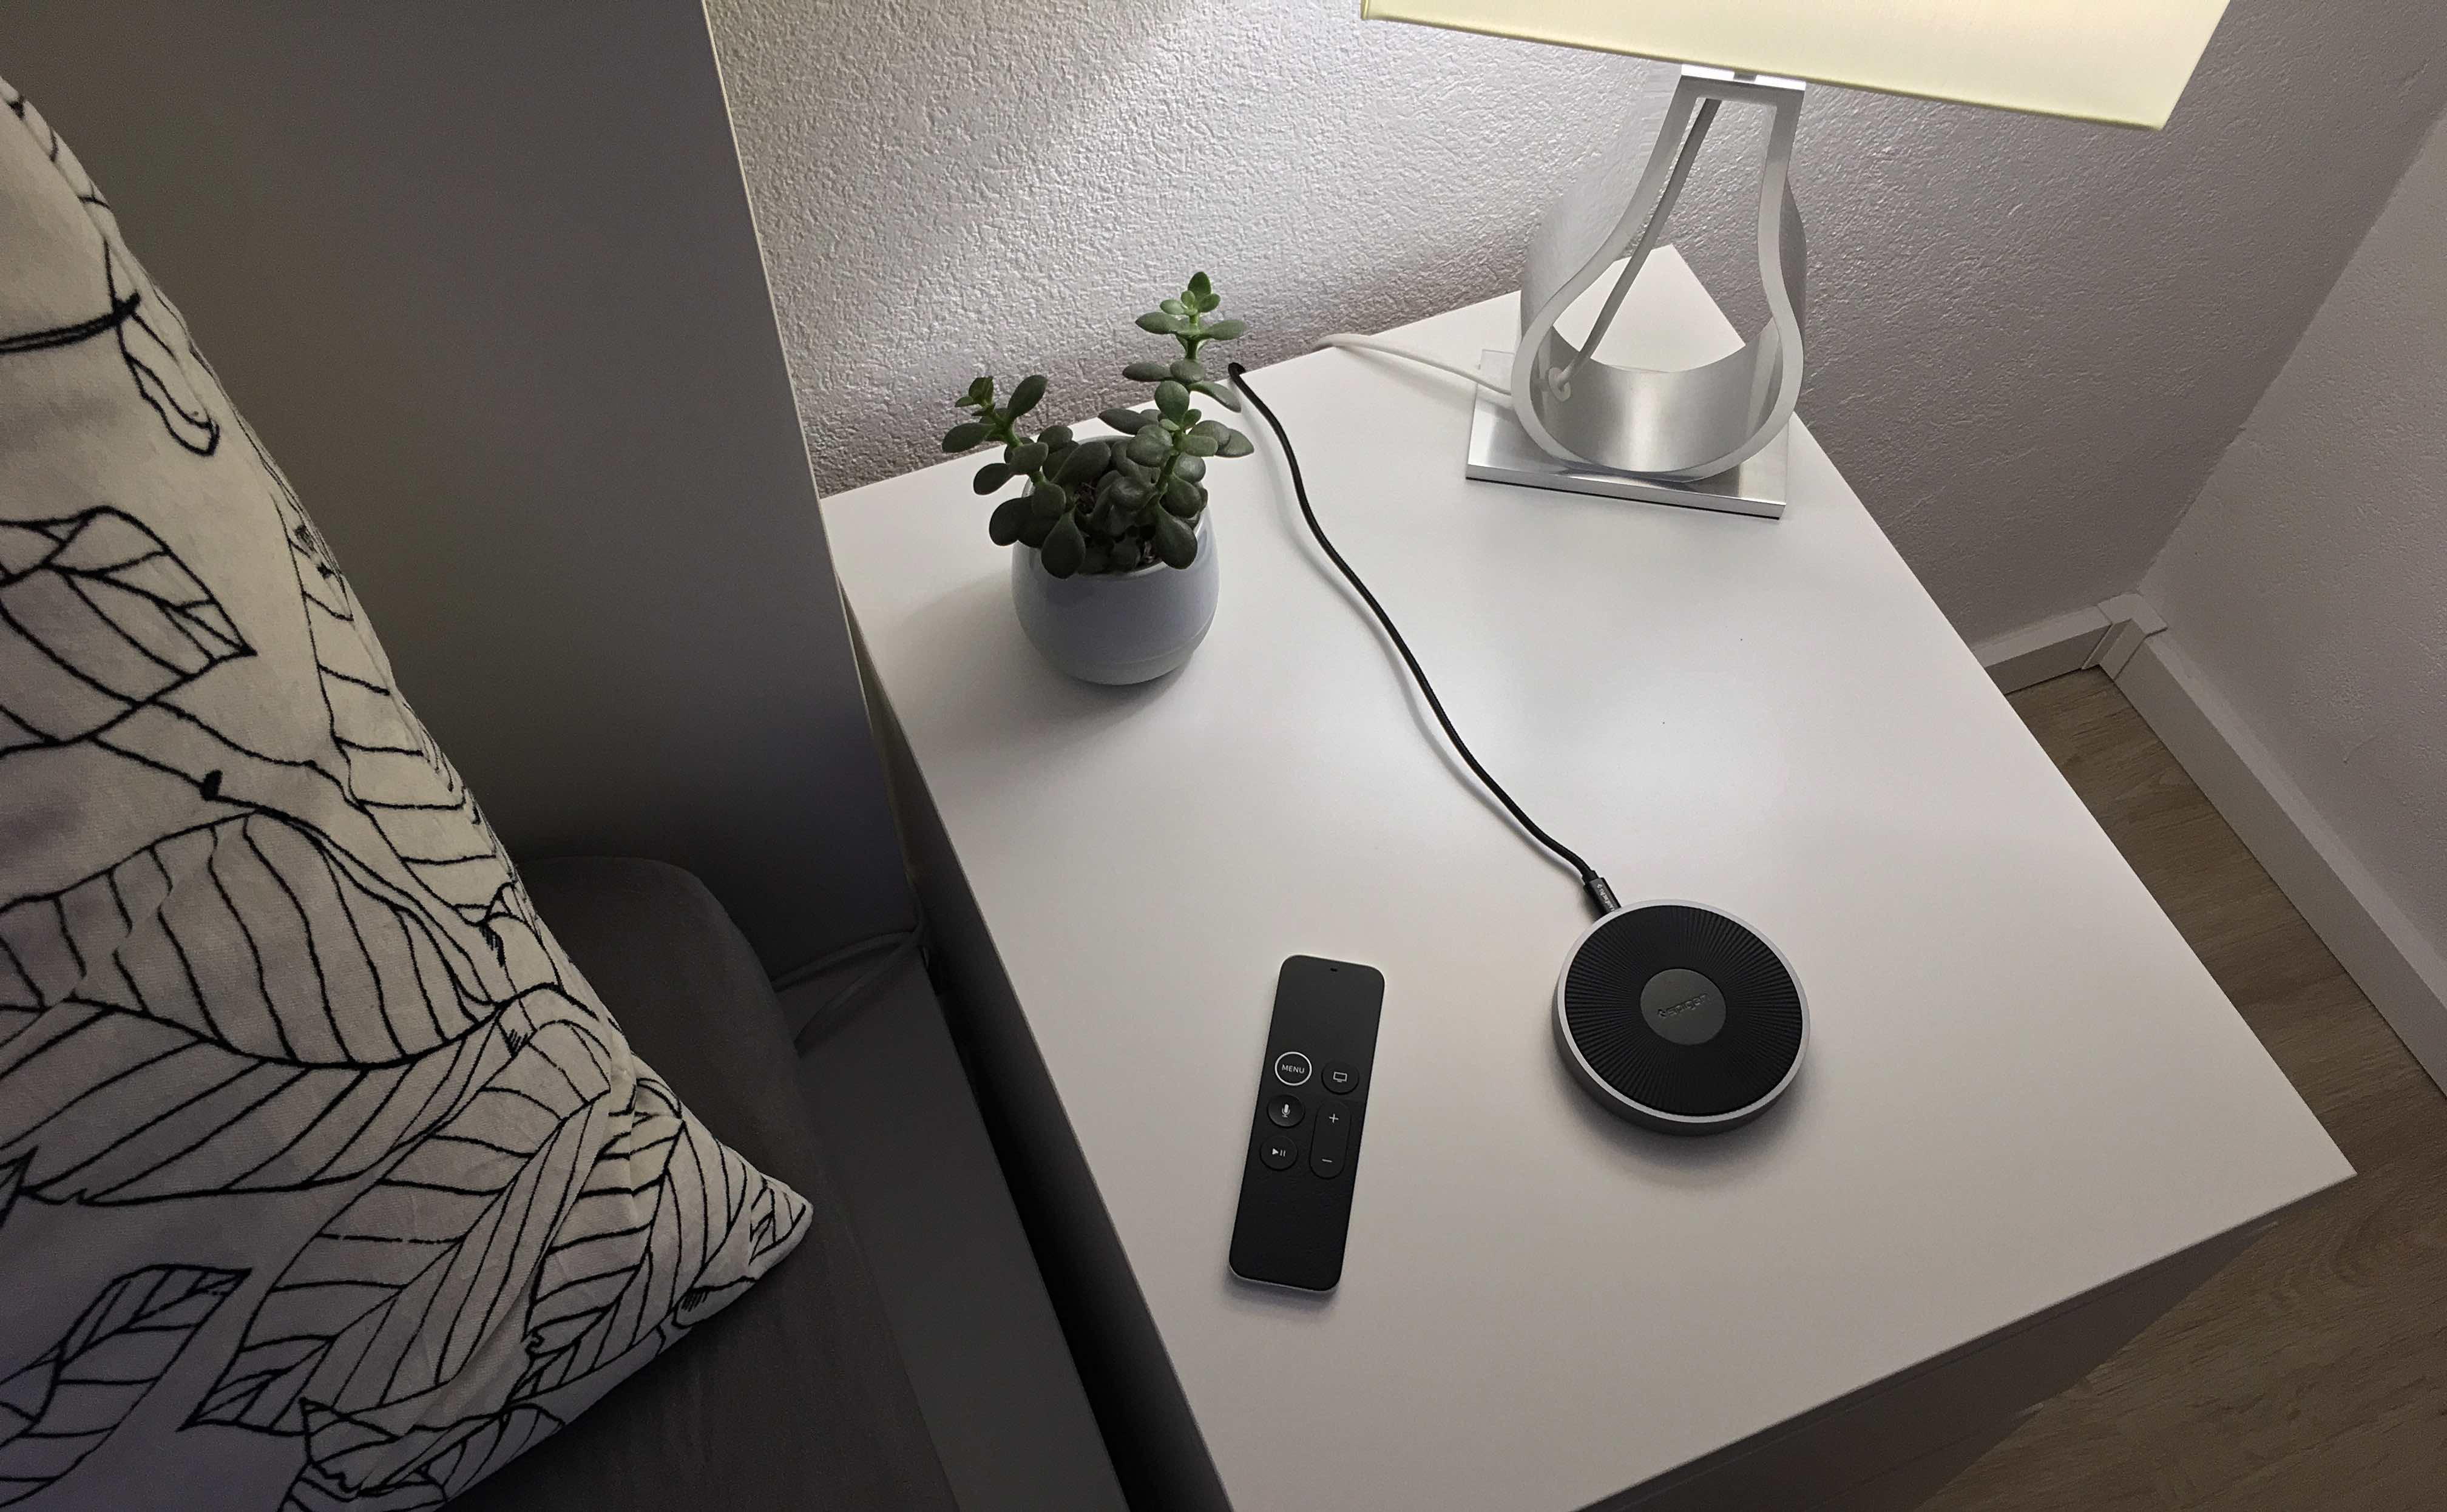 2Spigen_Induktionsladegerät_Review Induktionsladegerät von Spigen - kabellos und einfach das iPhone laden